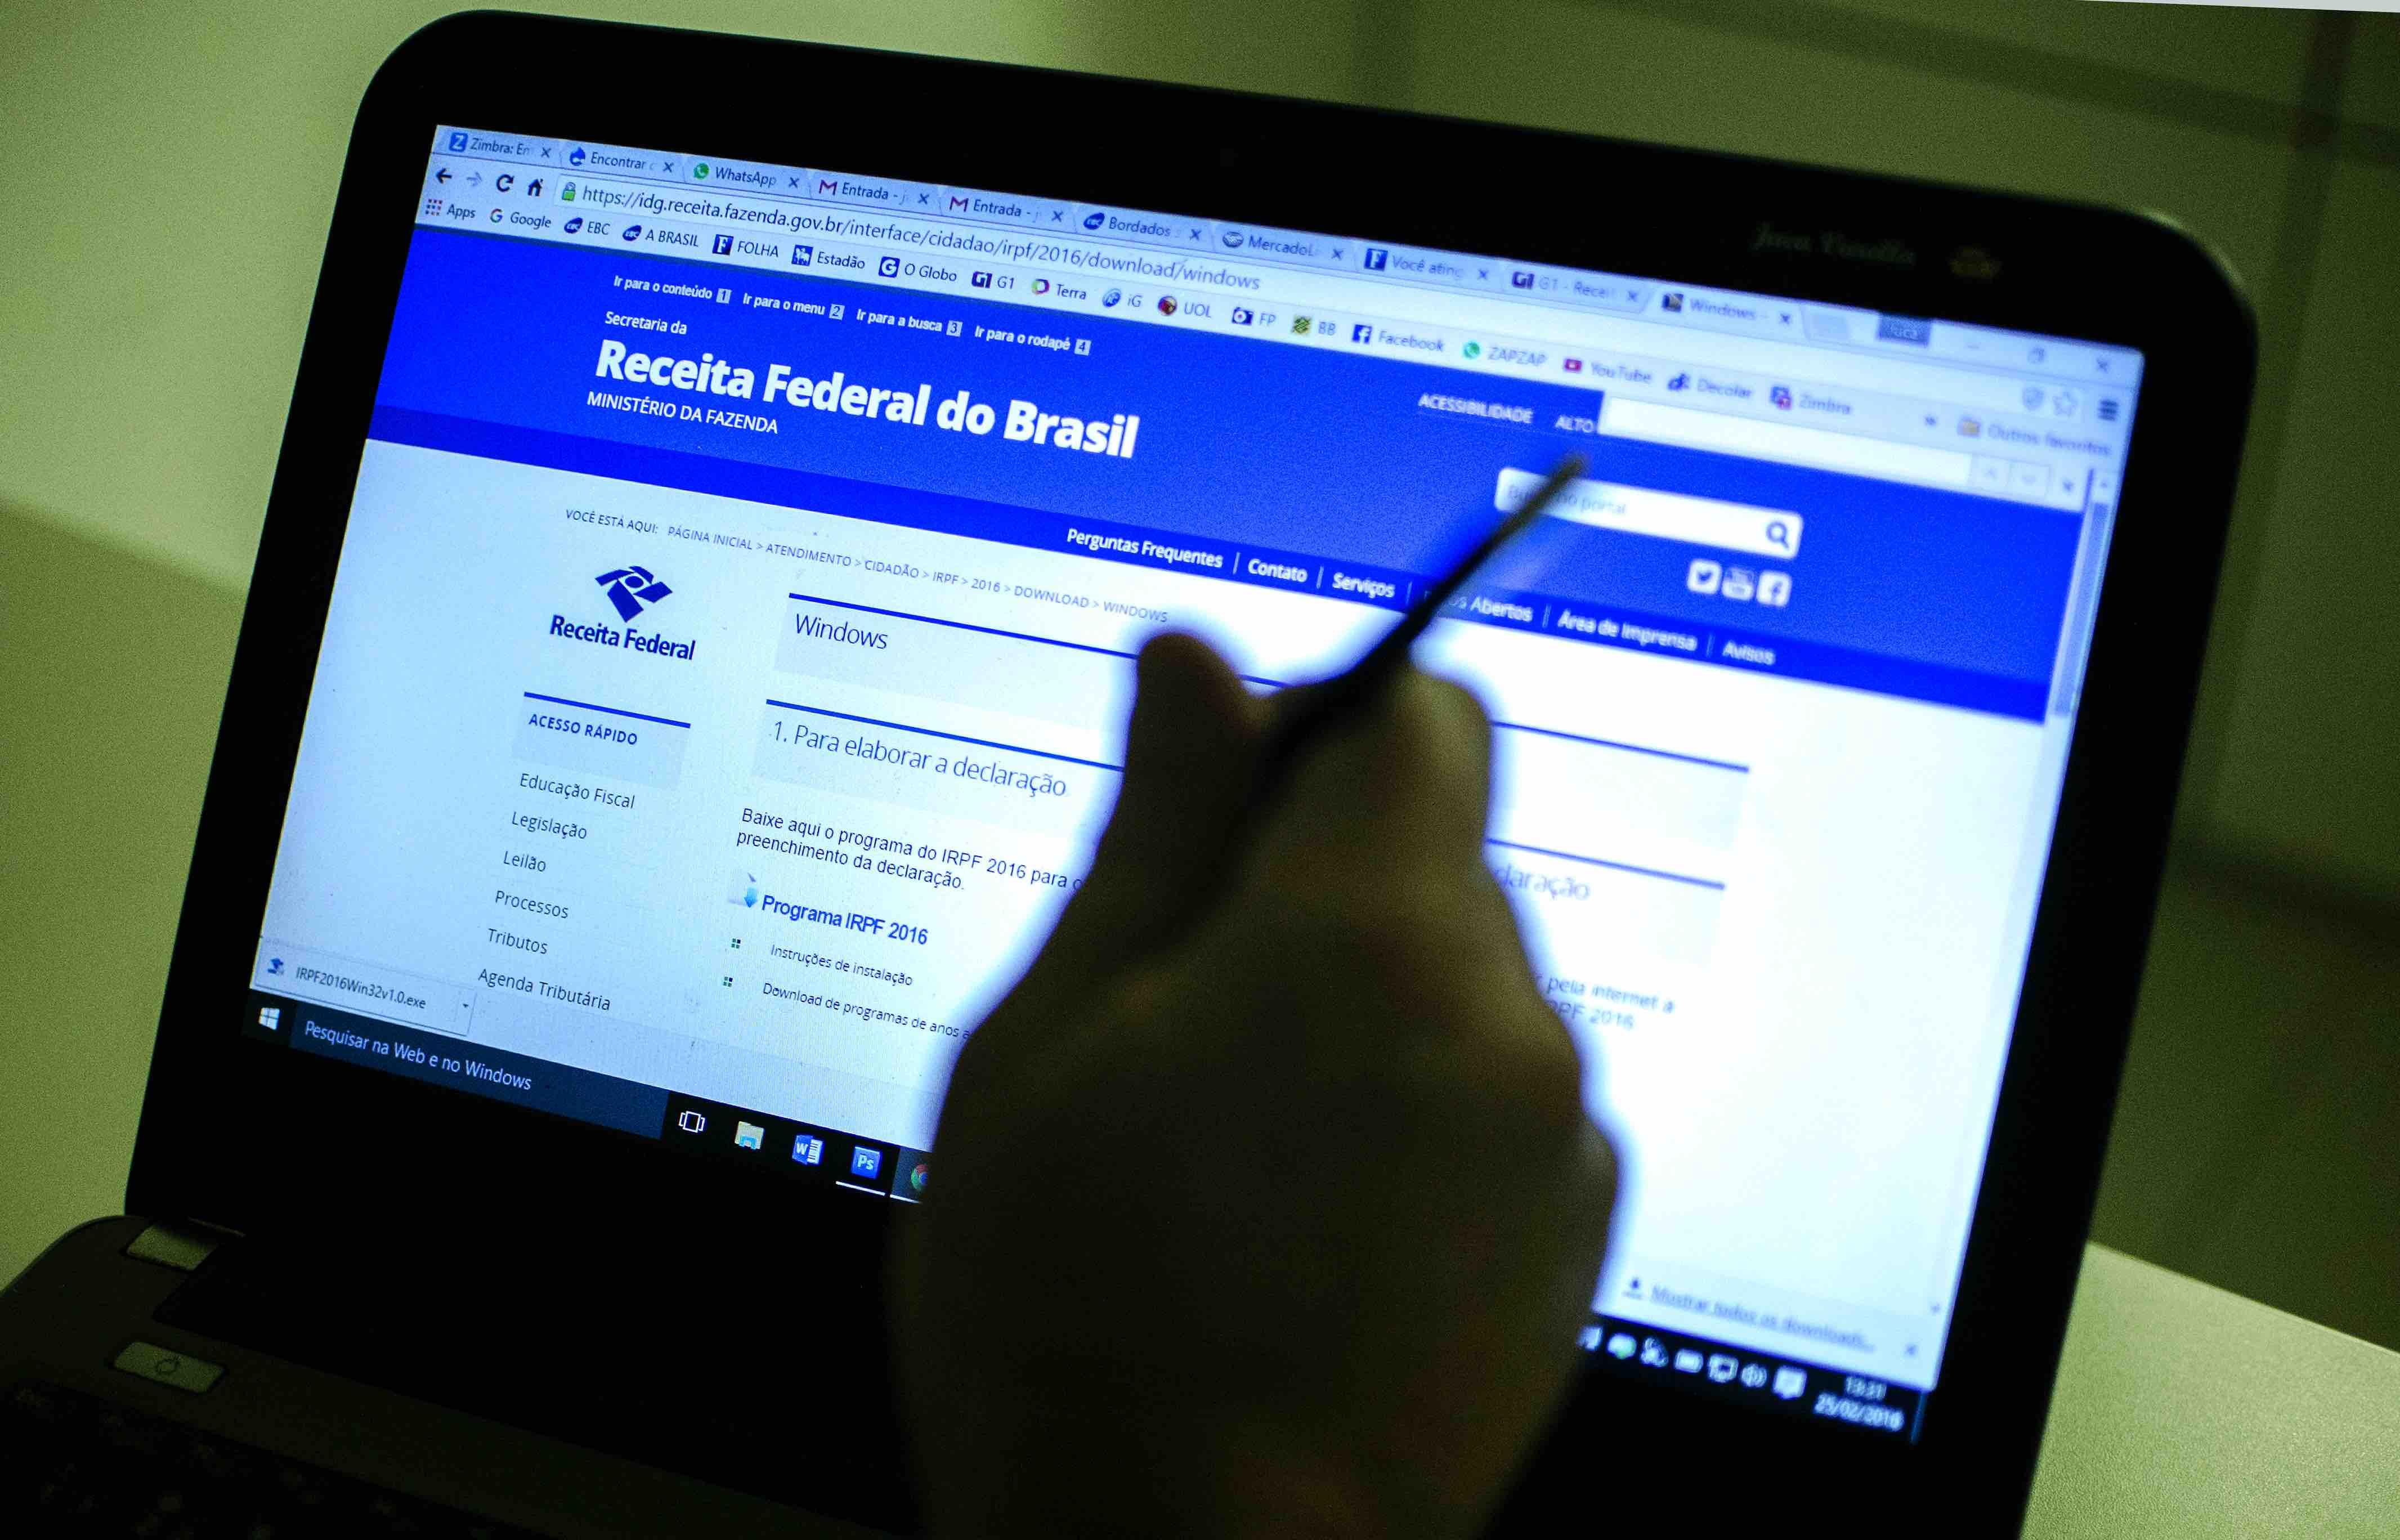 Imagem de notebook ligado sobre uma superfície com a tela exibindo o site da Receita Federal do Brasil e uma mão desfocada em frente ao notebook vista segurando uma caneta.